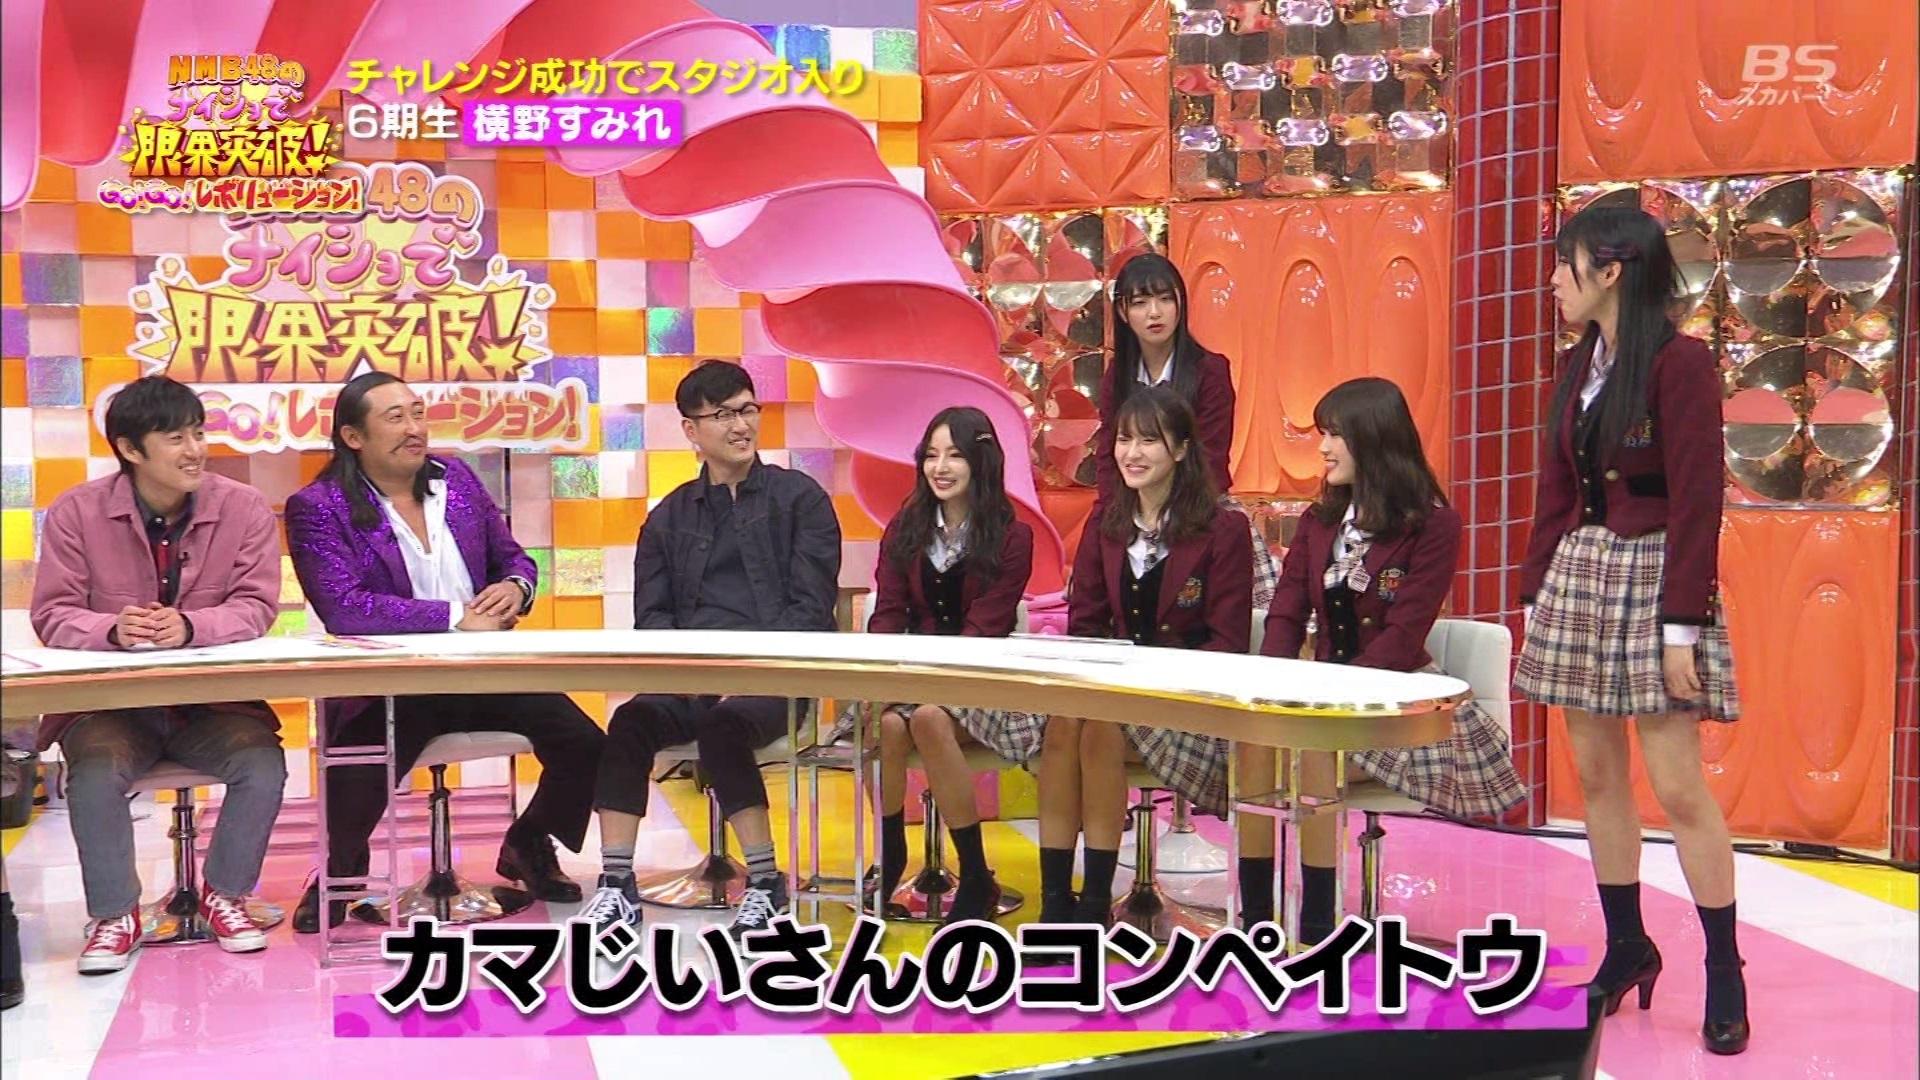 【横野すみれ】NMB48のナイショで限界突破!GO!GO!レボリューション・スタジオ出演を掛けて「雰囲気ステラおばさん」に挑戦。